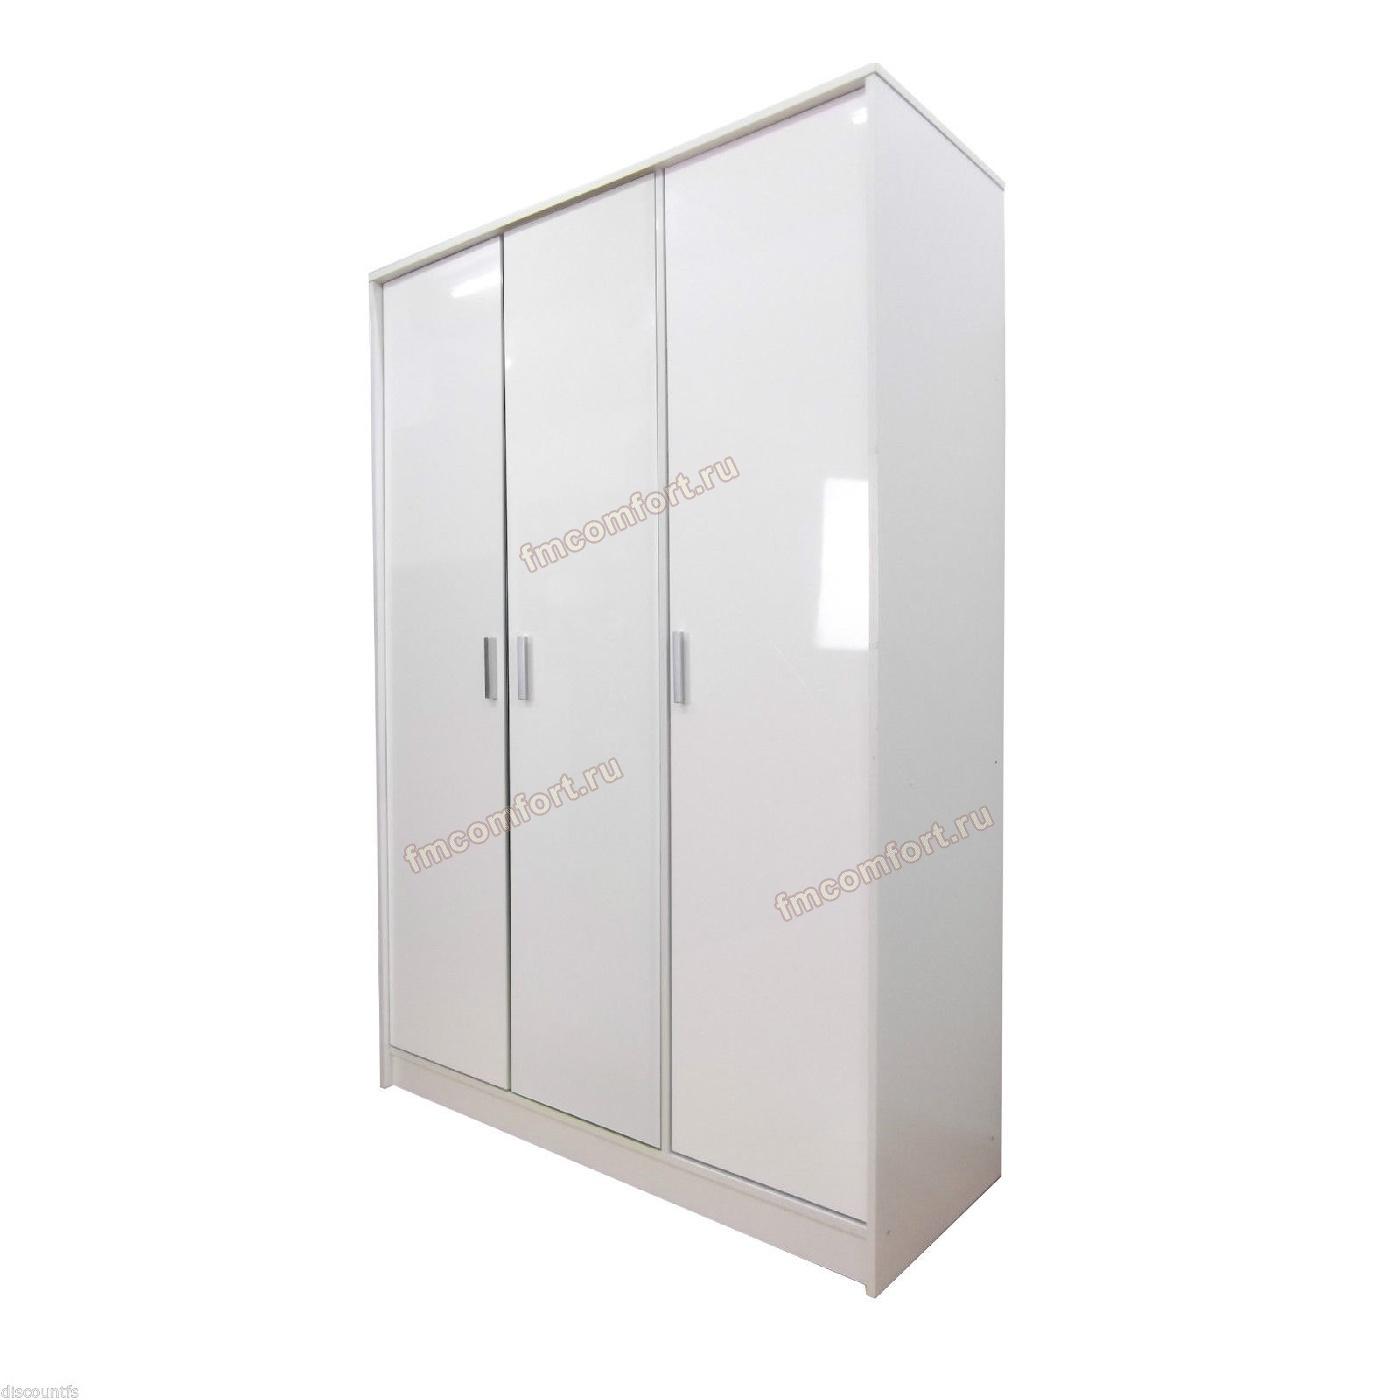 Купить шкаф легуве в интернет-магазине don rossi в москве.